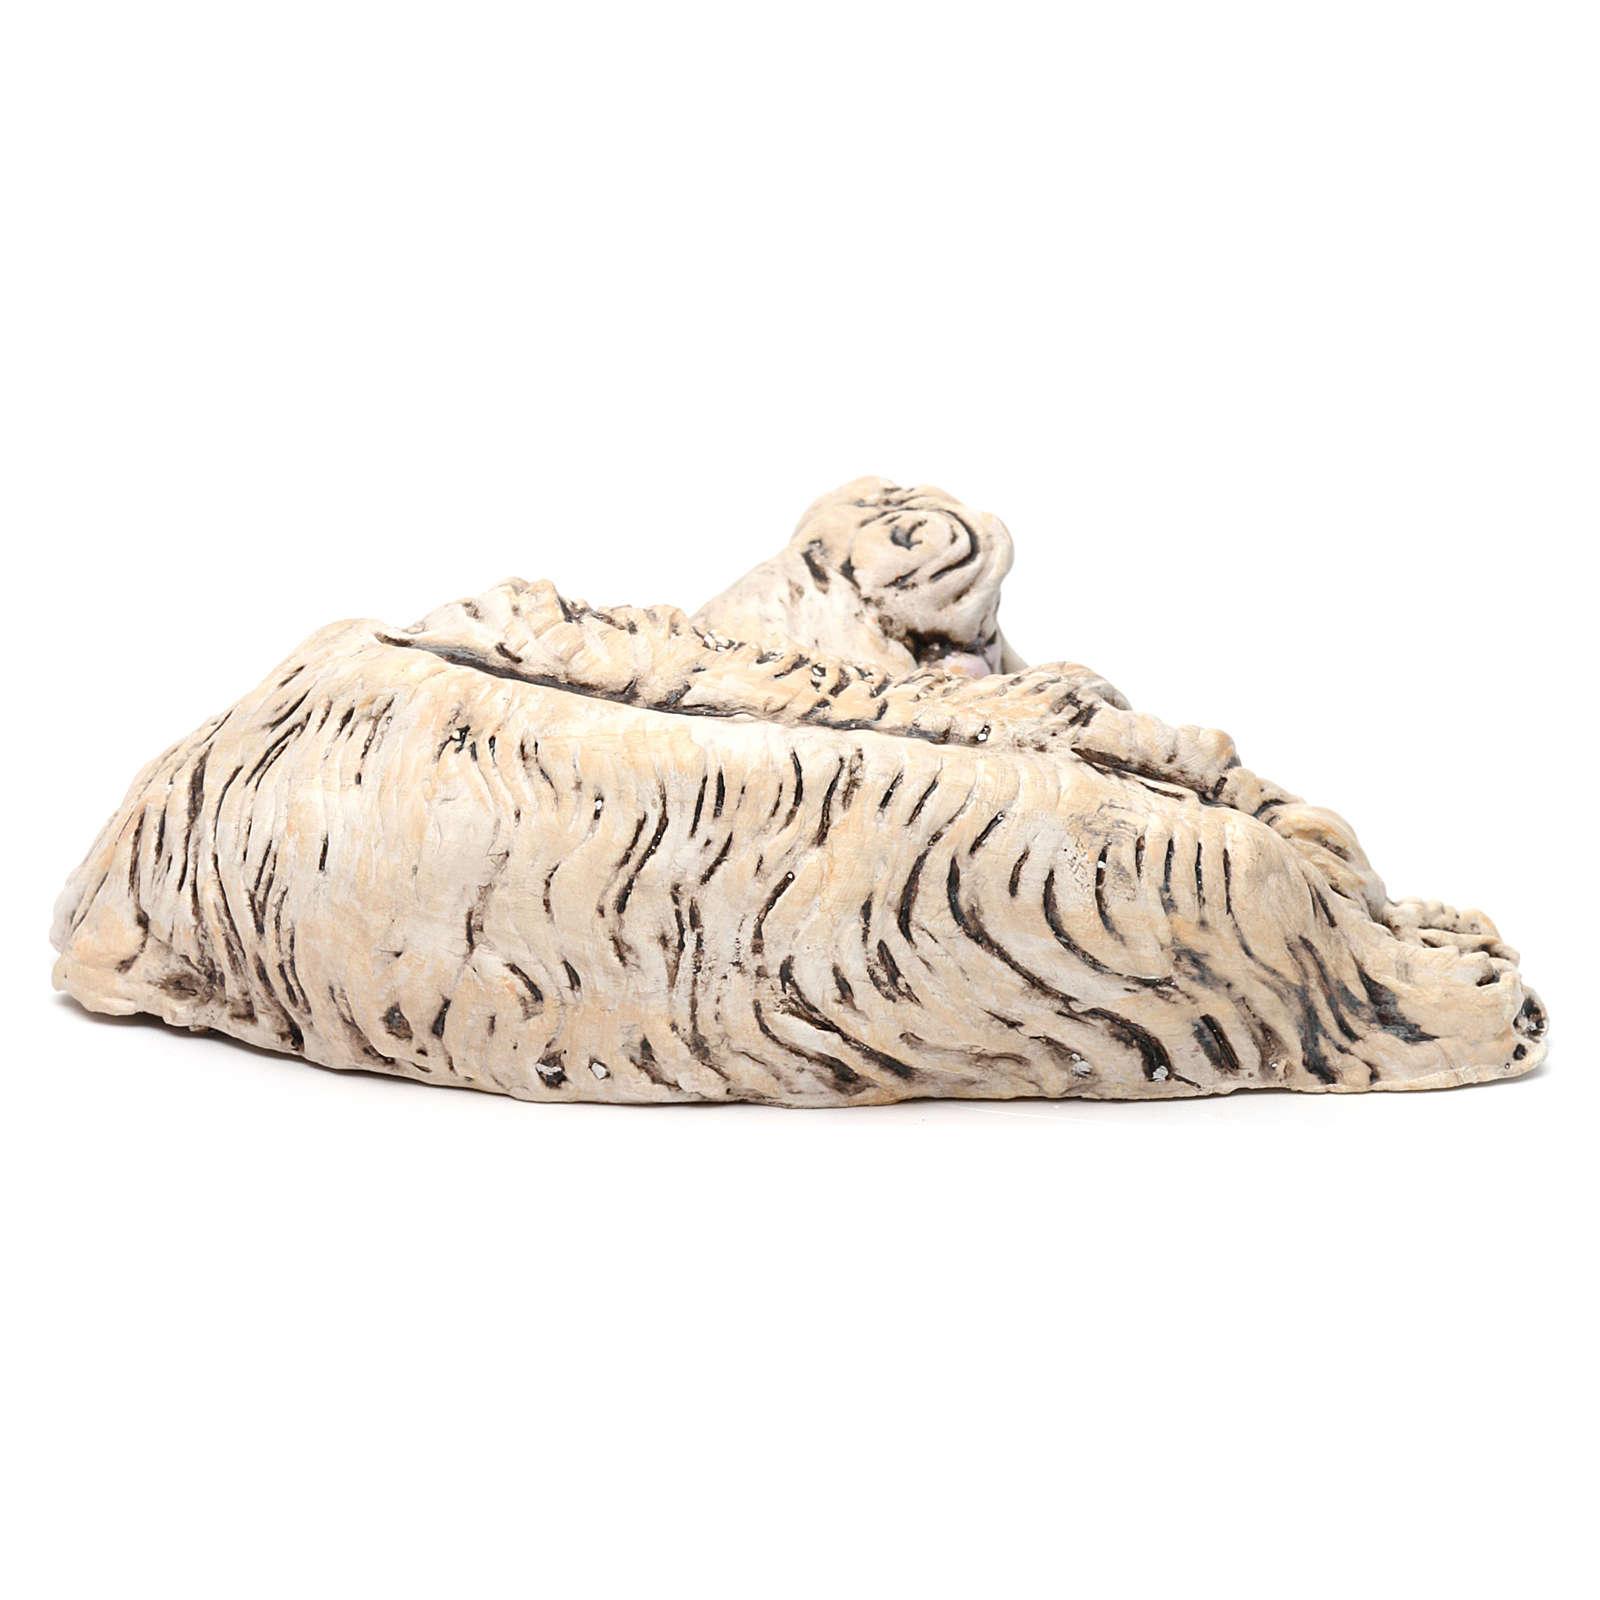 Pecorella sdraiata rivolta a destra per il presepe Napoli stile 700 di 35 cm 4